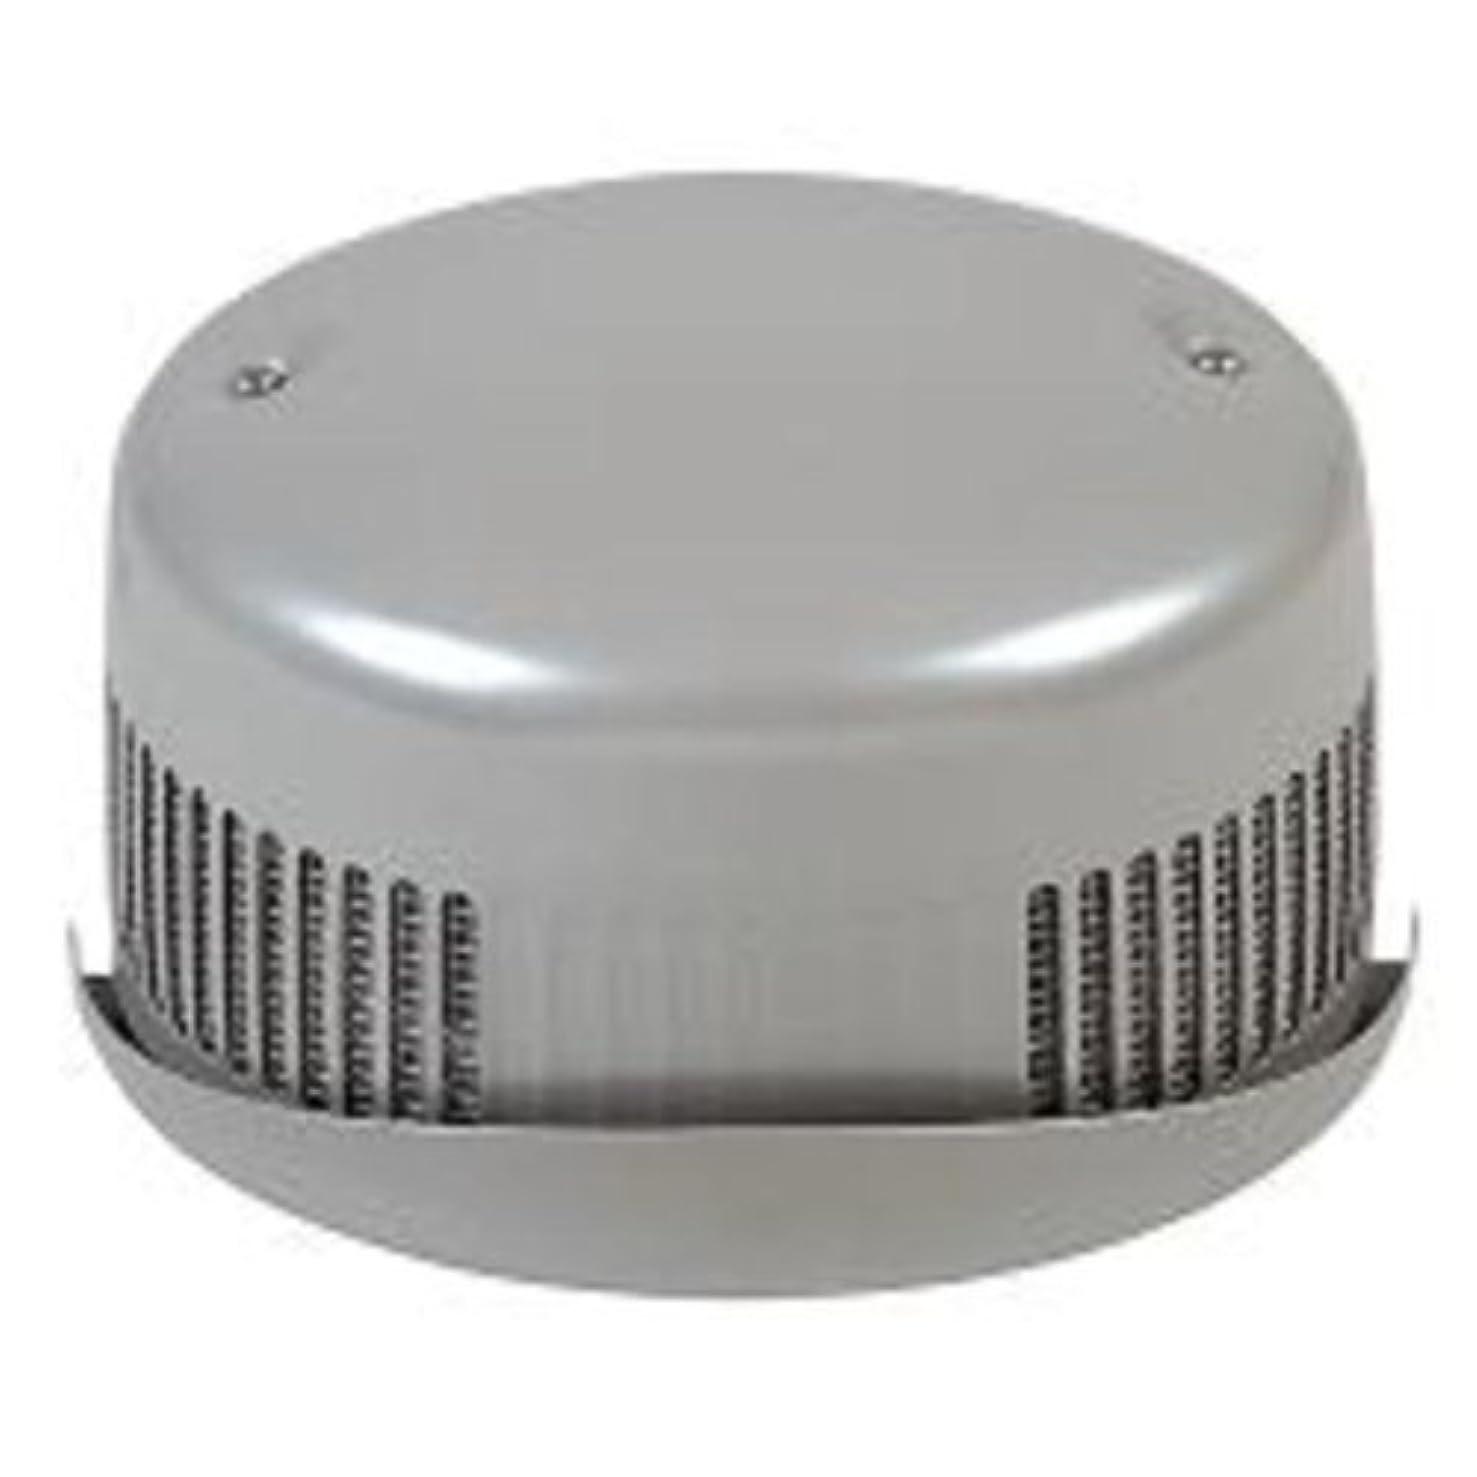 接続された流す四回東芝 TOSHIBA 空調換気扇用別売部品 パイプフード(二層管用) 【C-704R2】